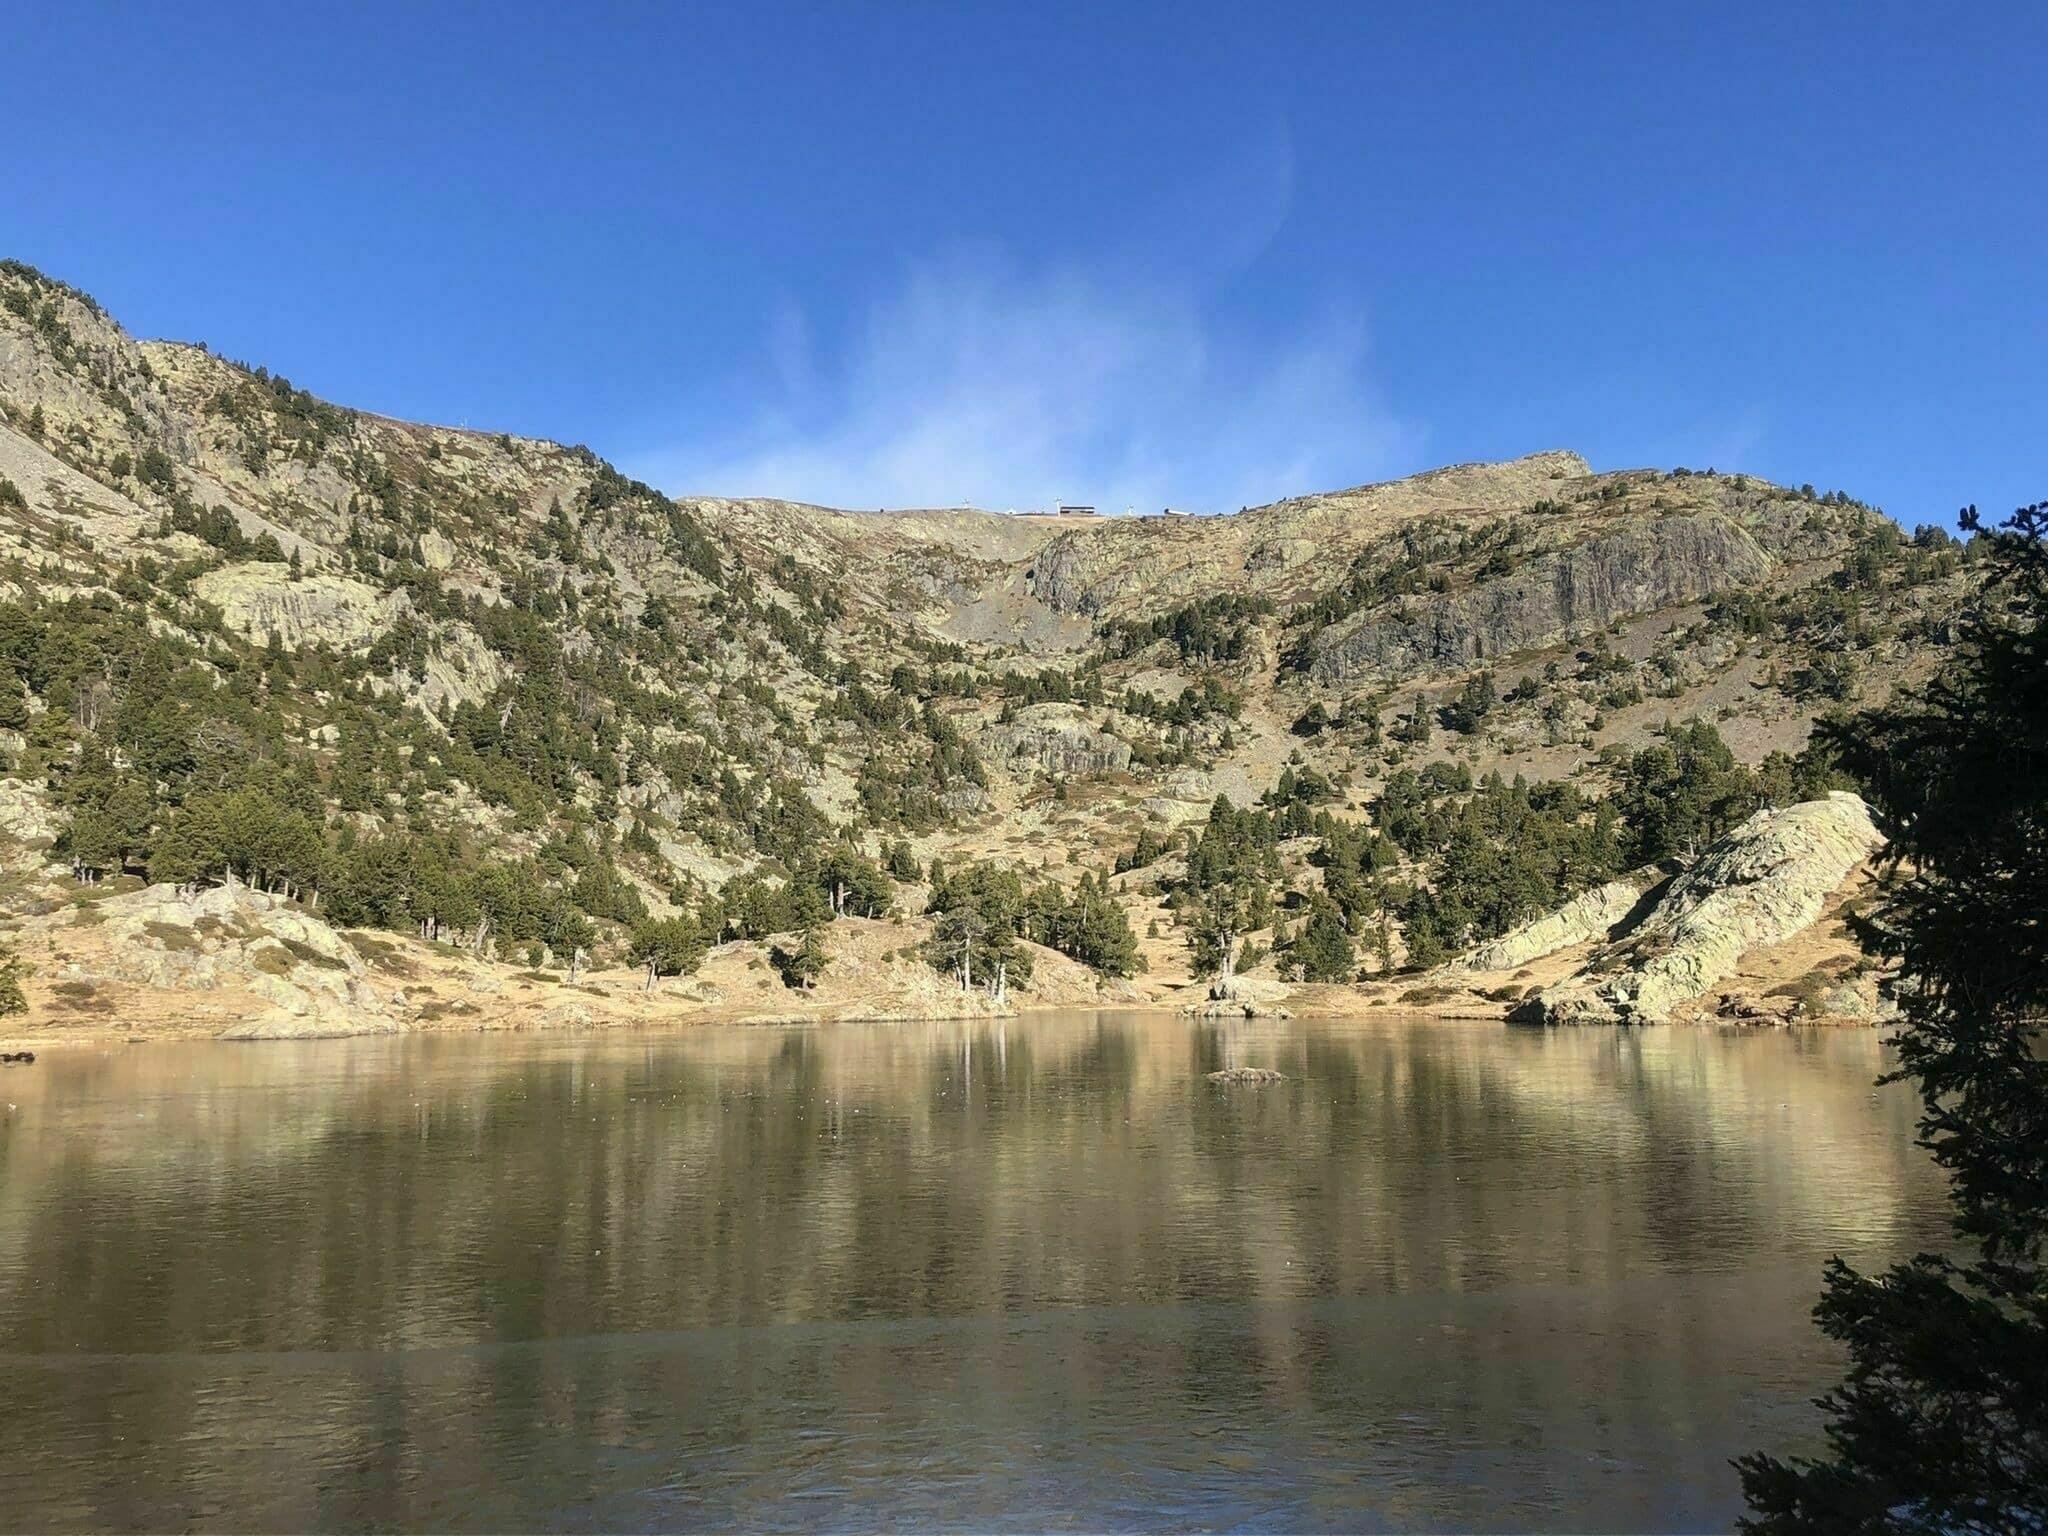 Randonnée Grenoble : Le lac Achard, le col de Trois Fontaines et la croix de Chamrousse